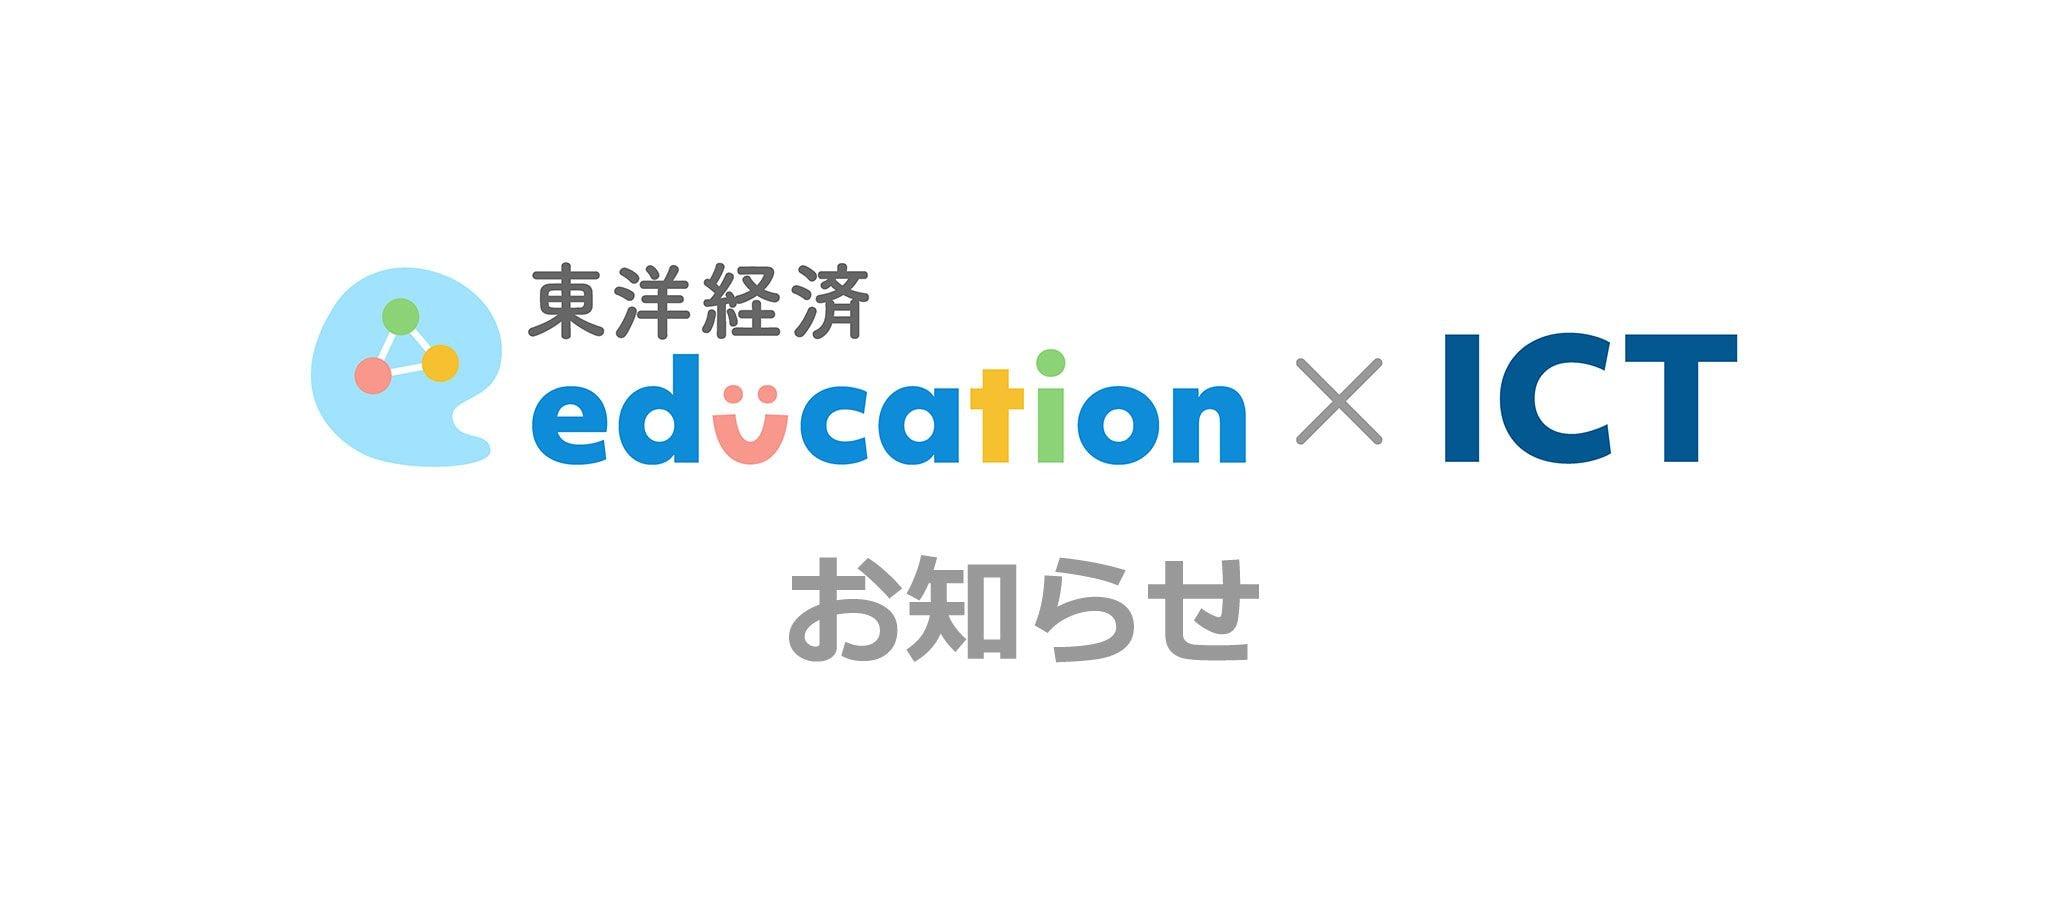 教育総合展(EDIX)東京に出展しています